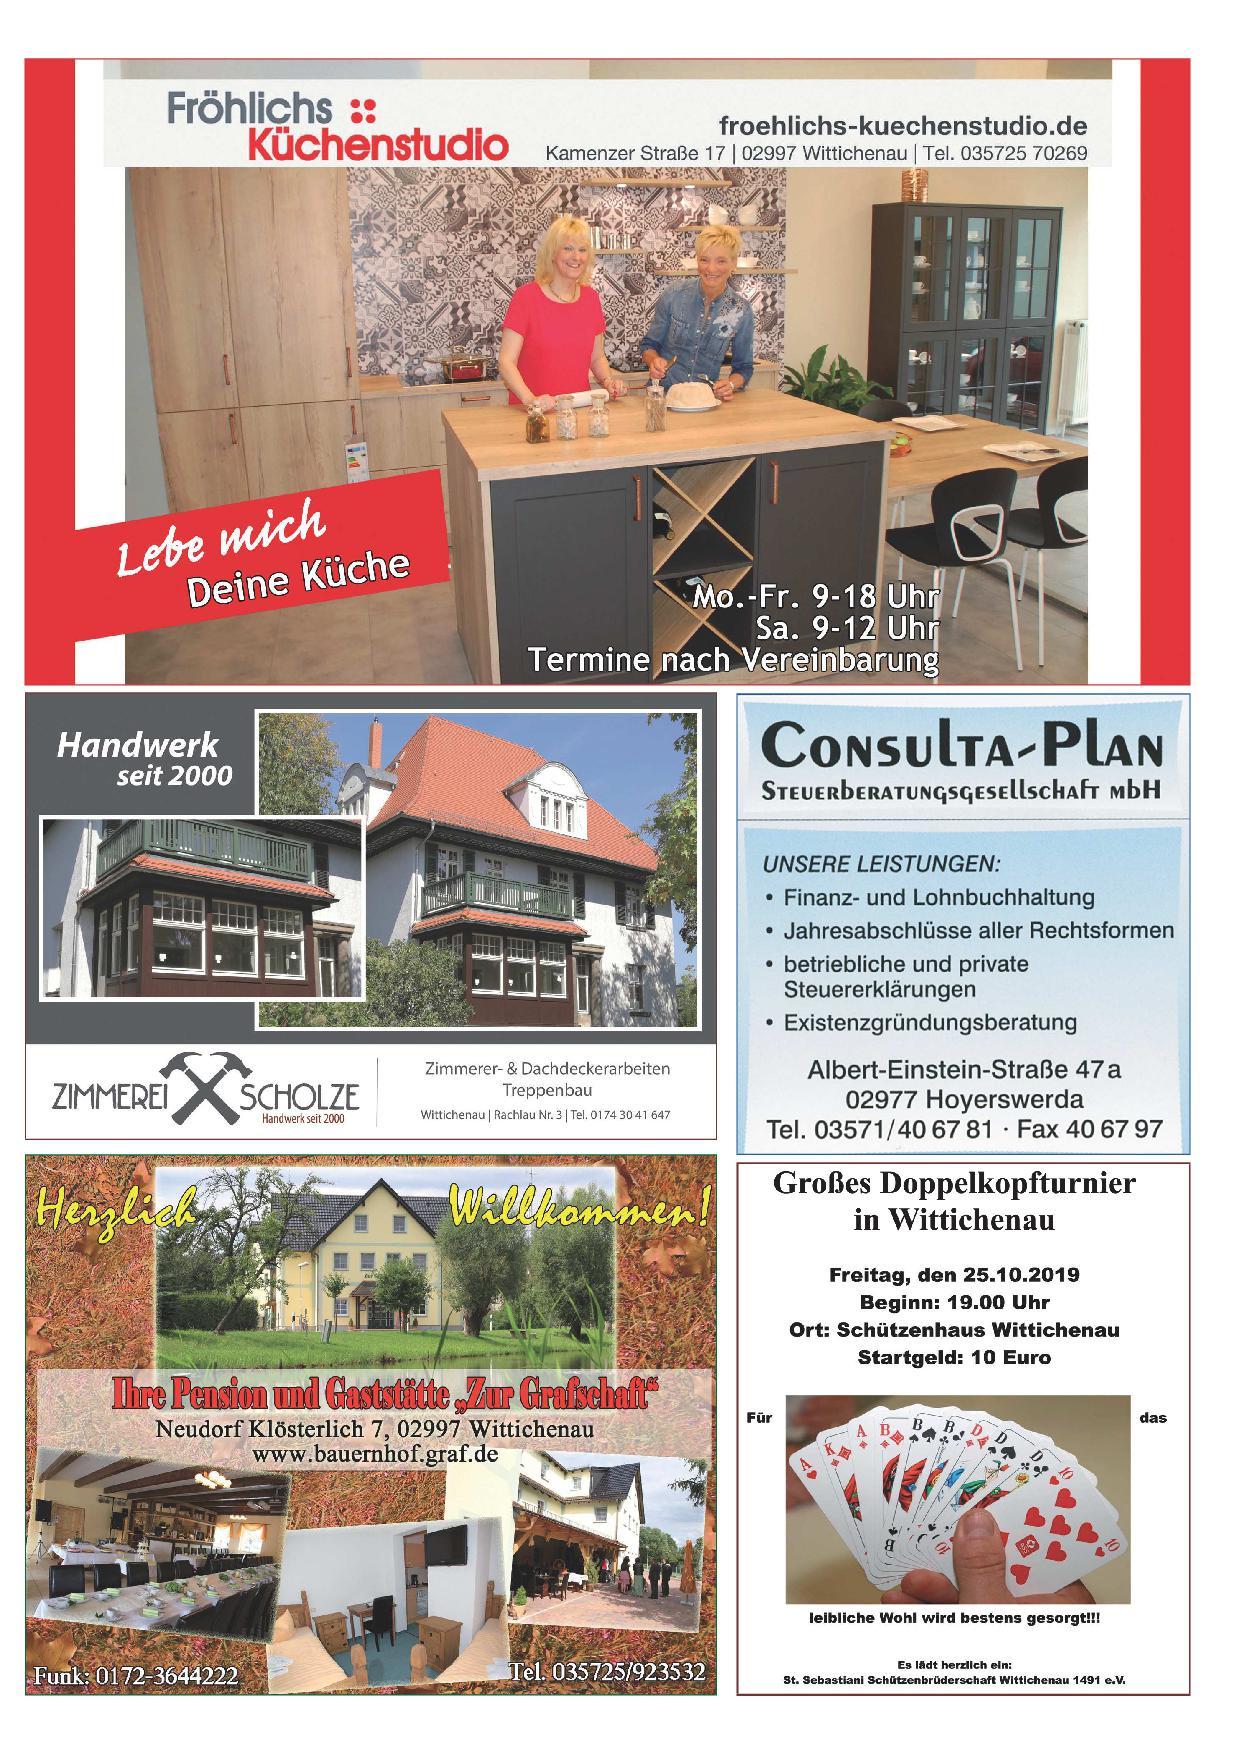 Wochenblatt Nr. 21 - 2019